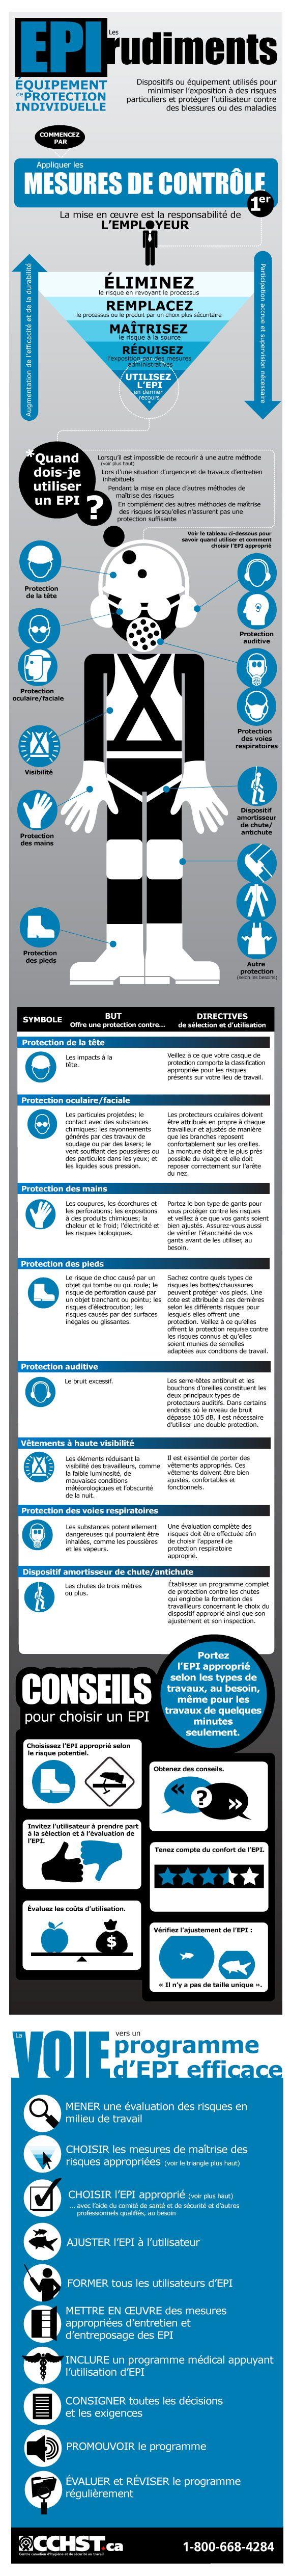 Familiarisez-vous davantage avec les types les plus courants d'EPI et avec l'élaboration d'un programme d'EPI efficace grâce.    http://www.cchst.ca/oshanswers/prevention/ppe/